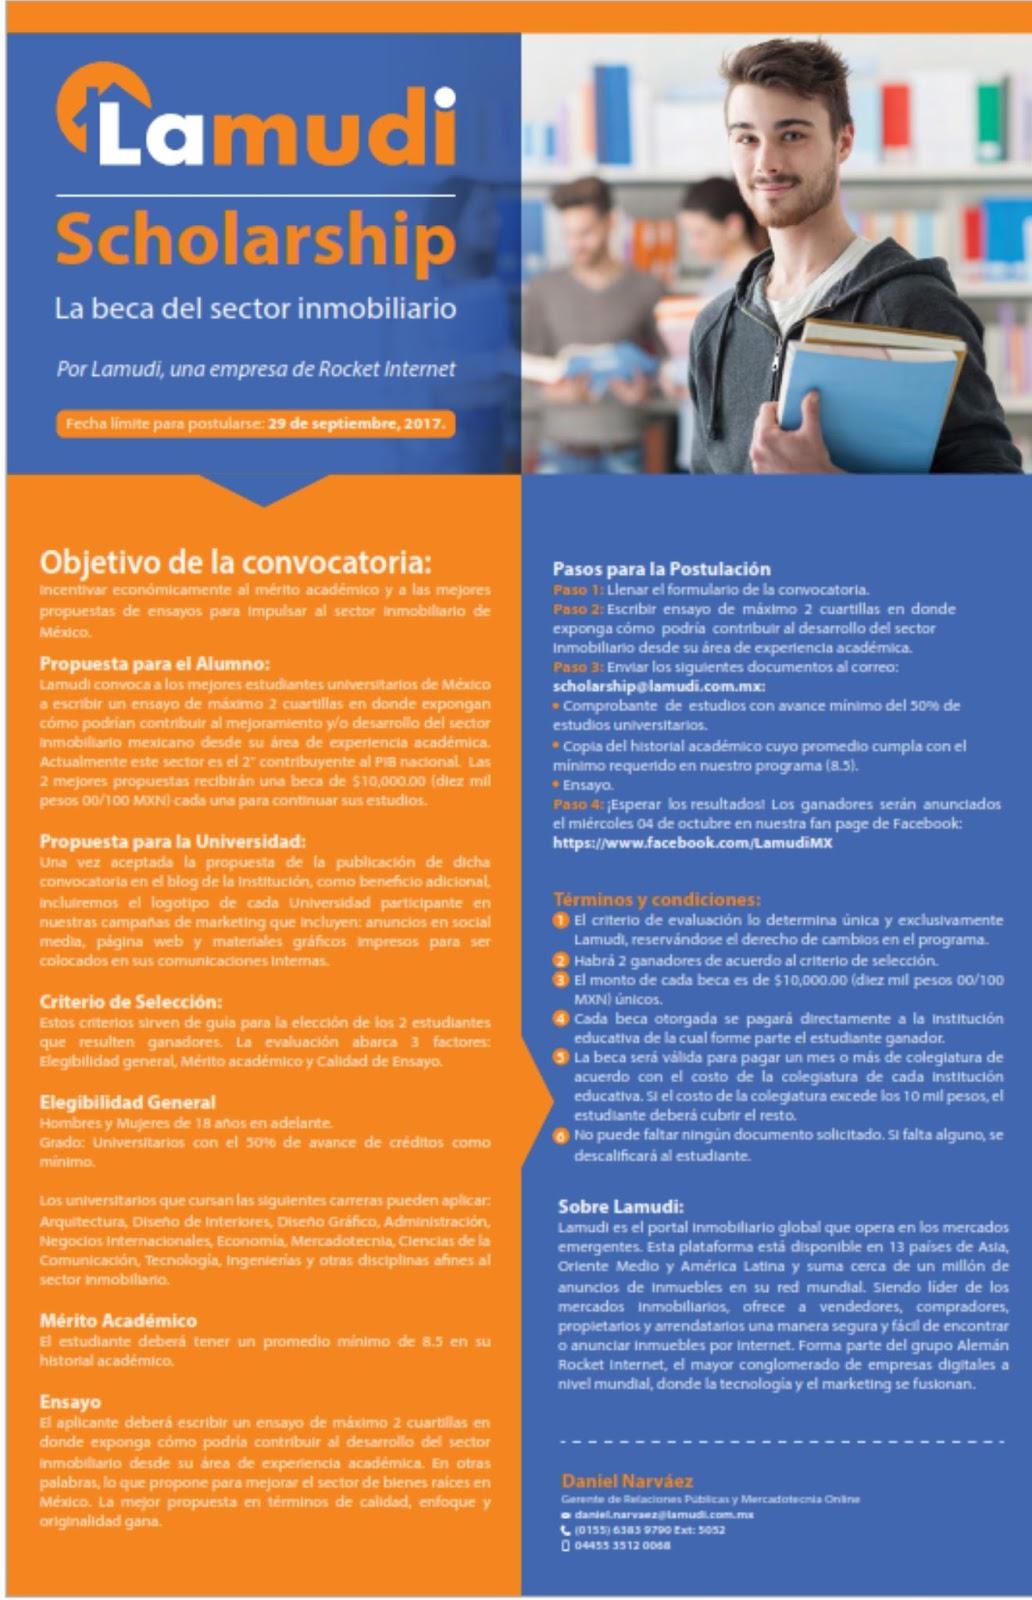 Instituto tecnologico de zacatepec el portal for El portal inmobiliaria